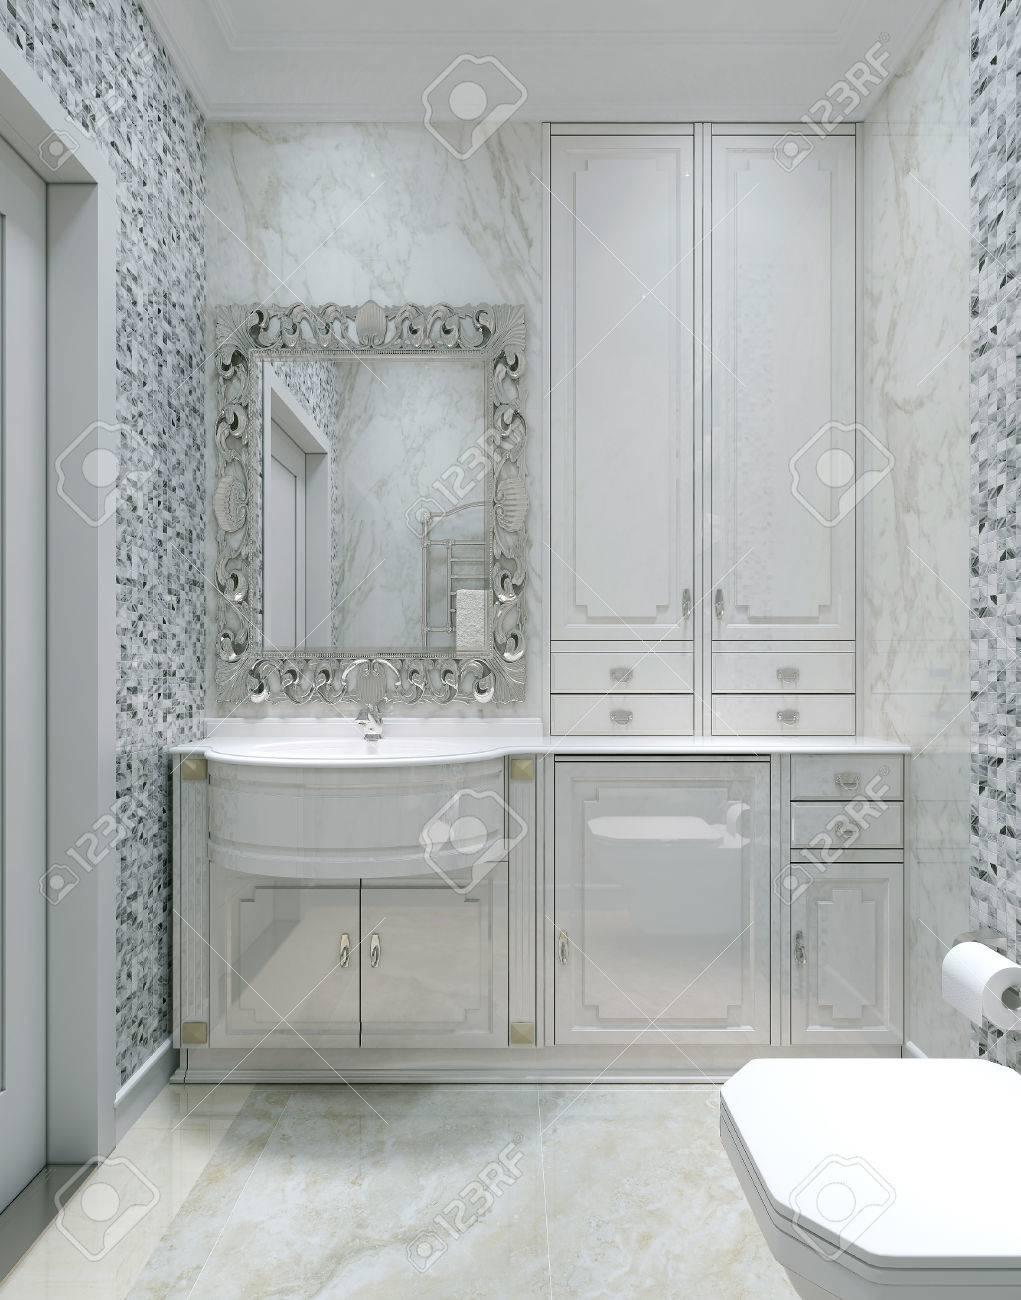 Antik Stil Badezimmer 3d Bilder Lizenzfreie Fotos Bilder Und Stock